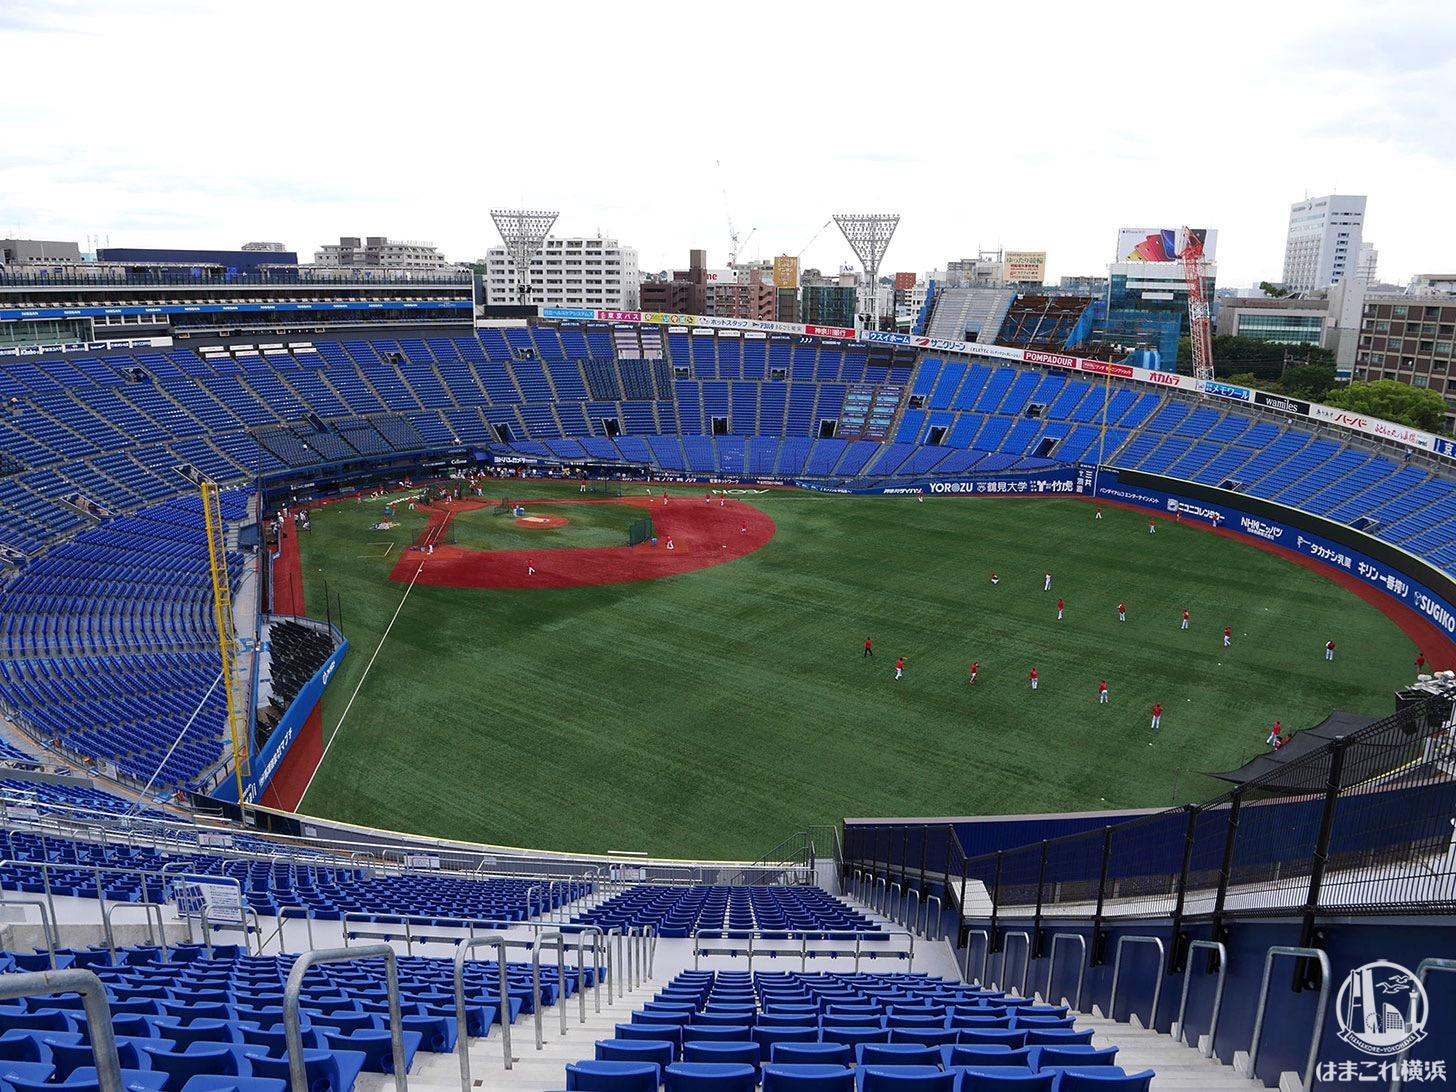 横浜スタジアム ライト側「ウィング席」観戦徹底レポ!感想・指定席最安値・注意点など